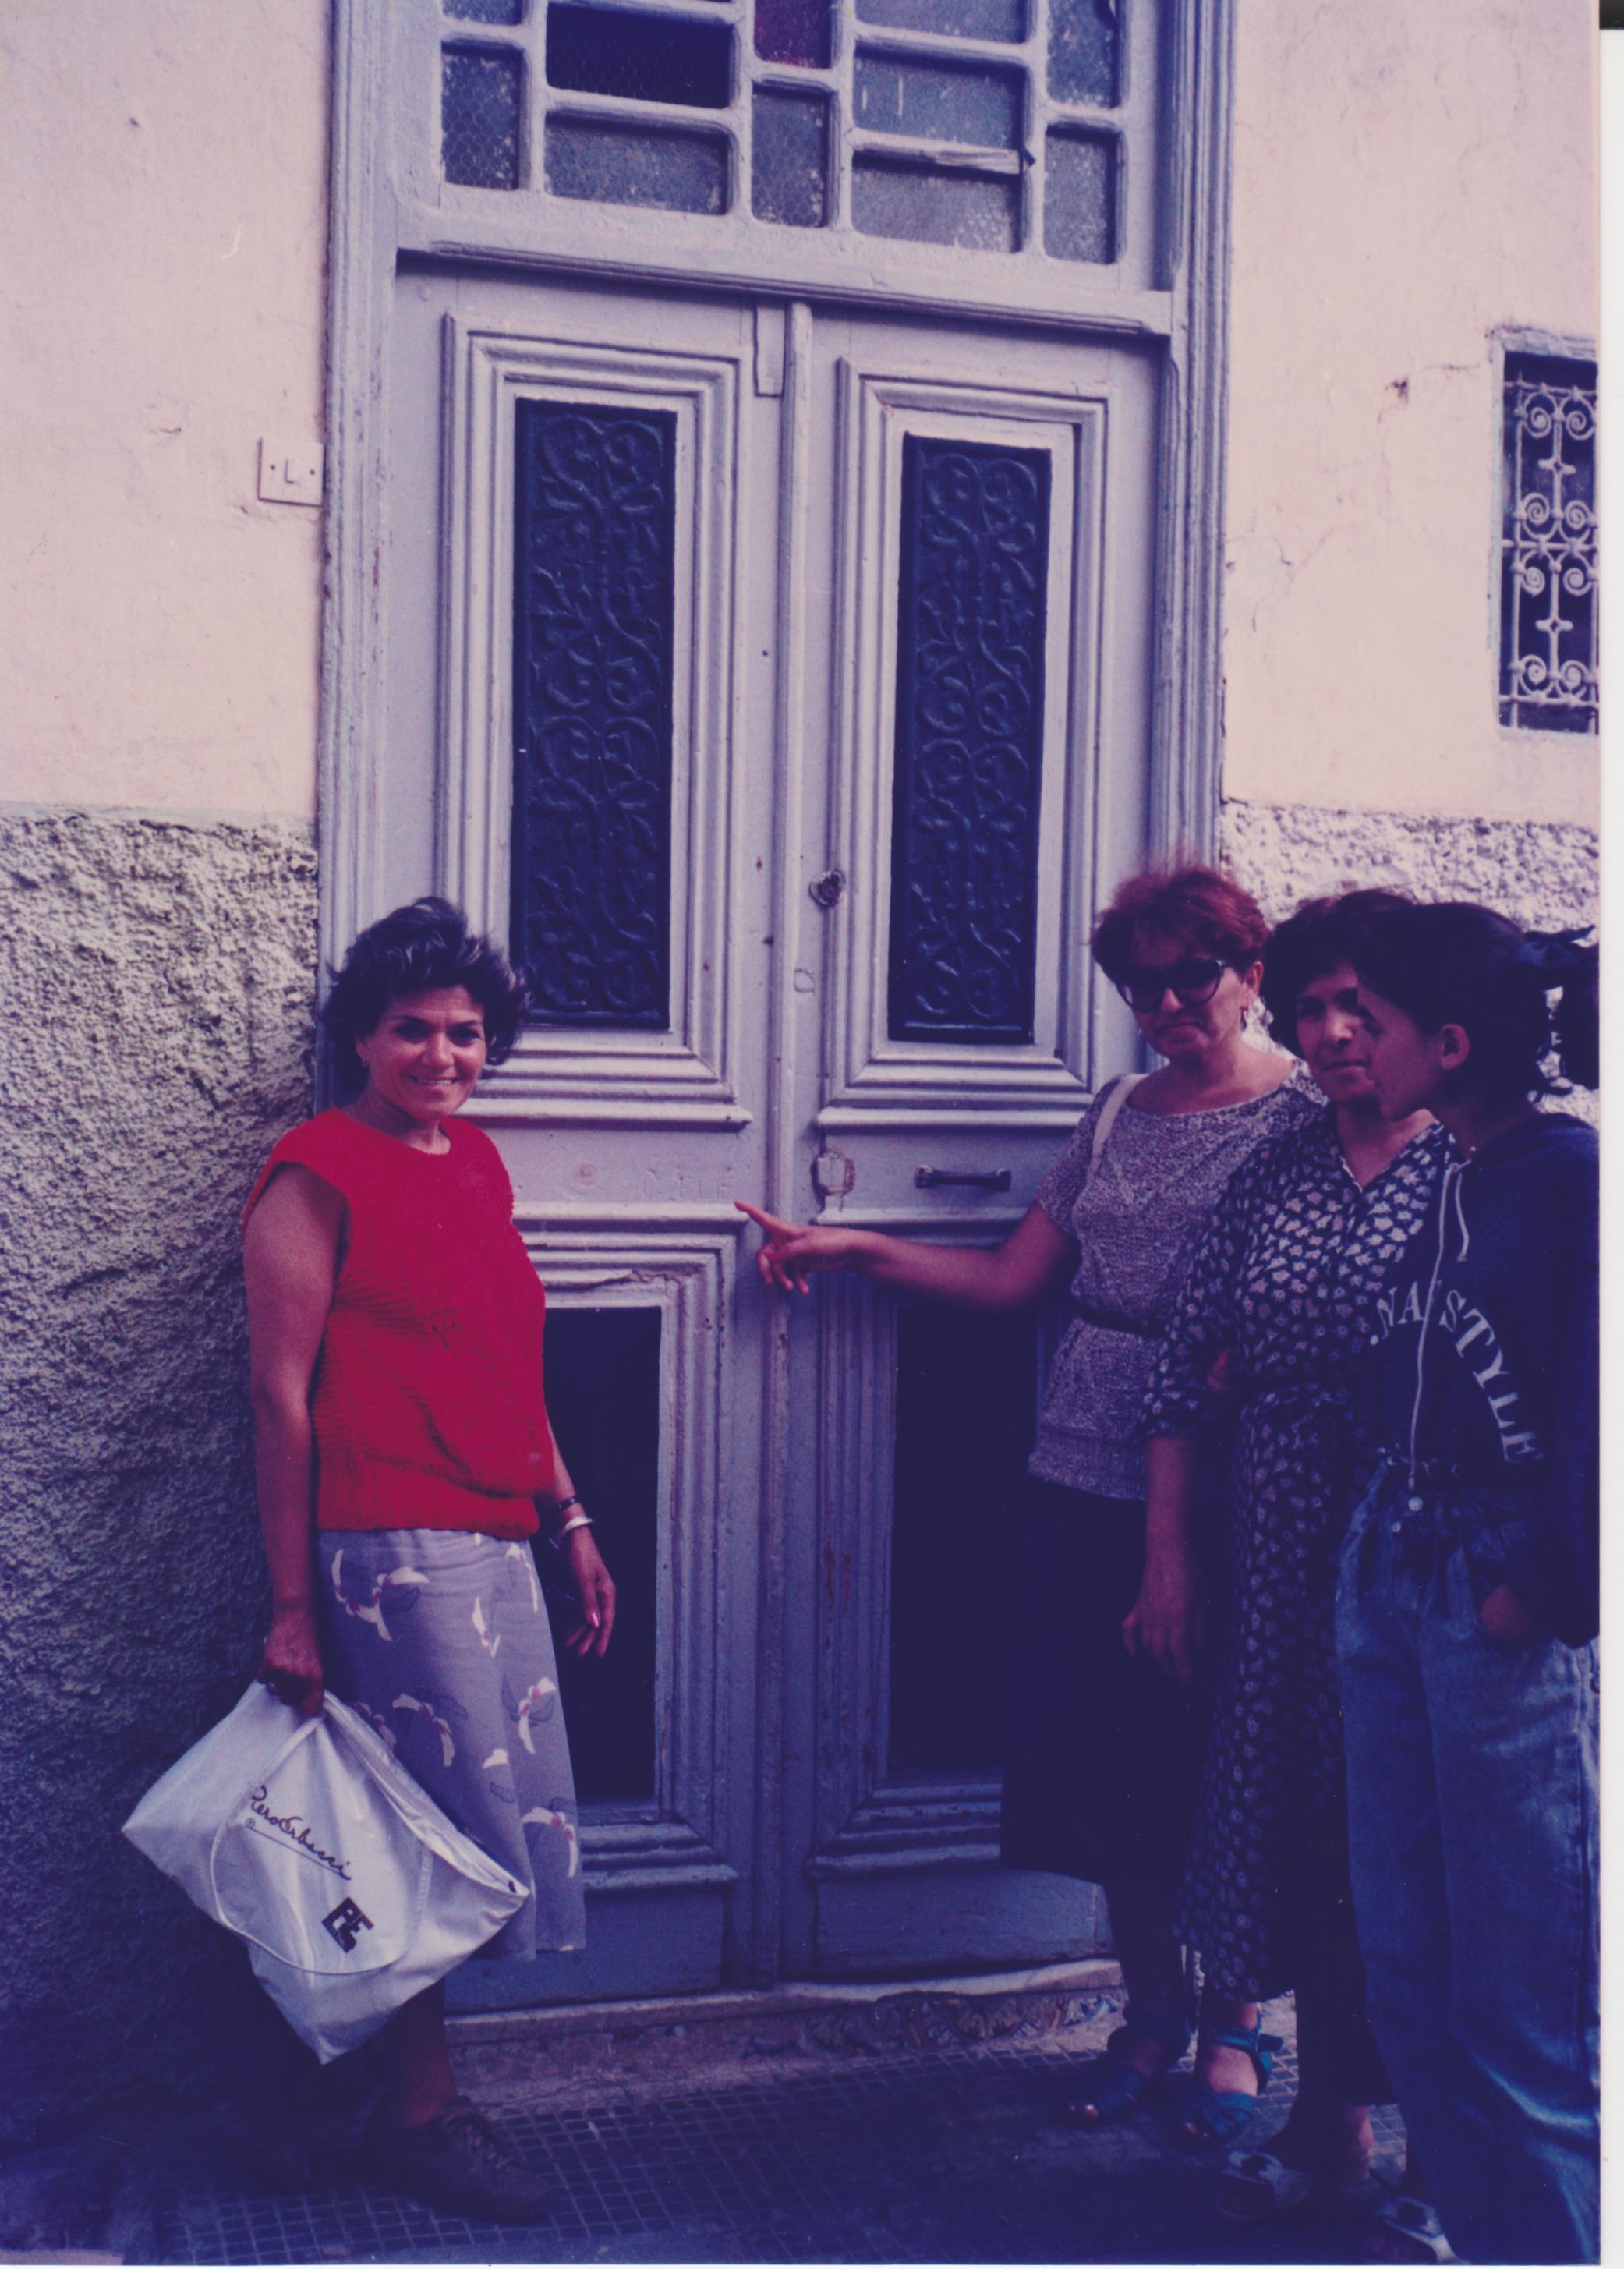 טיול שורשים הכניסה לבית במרוקו